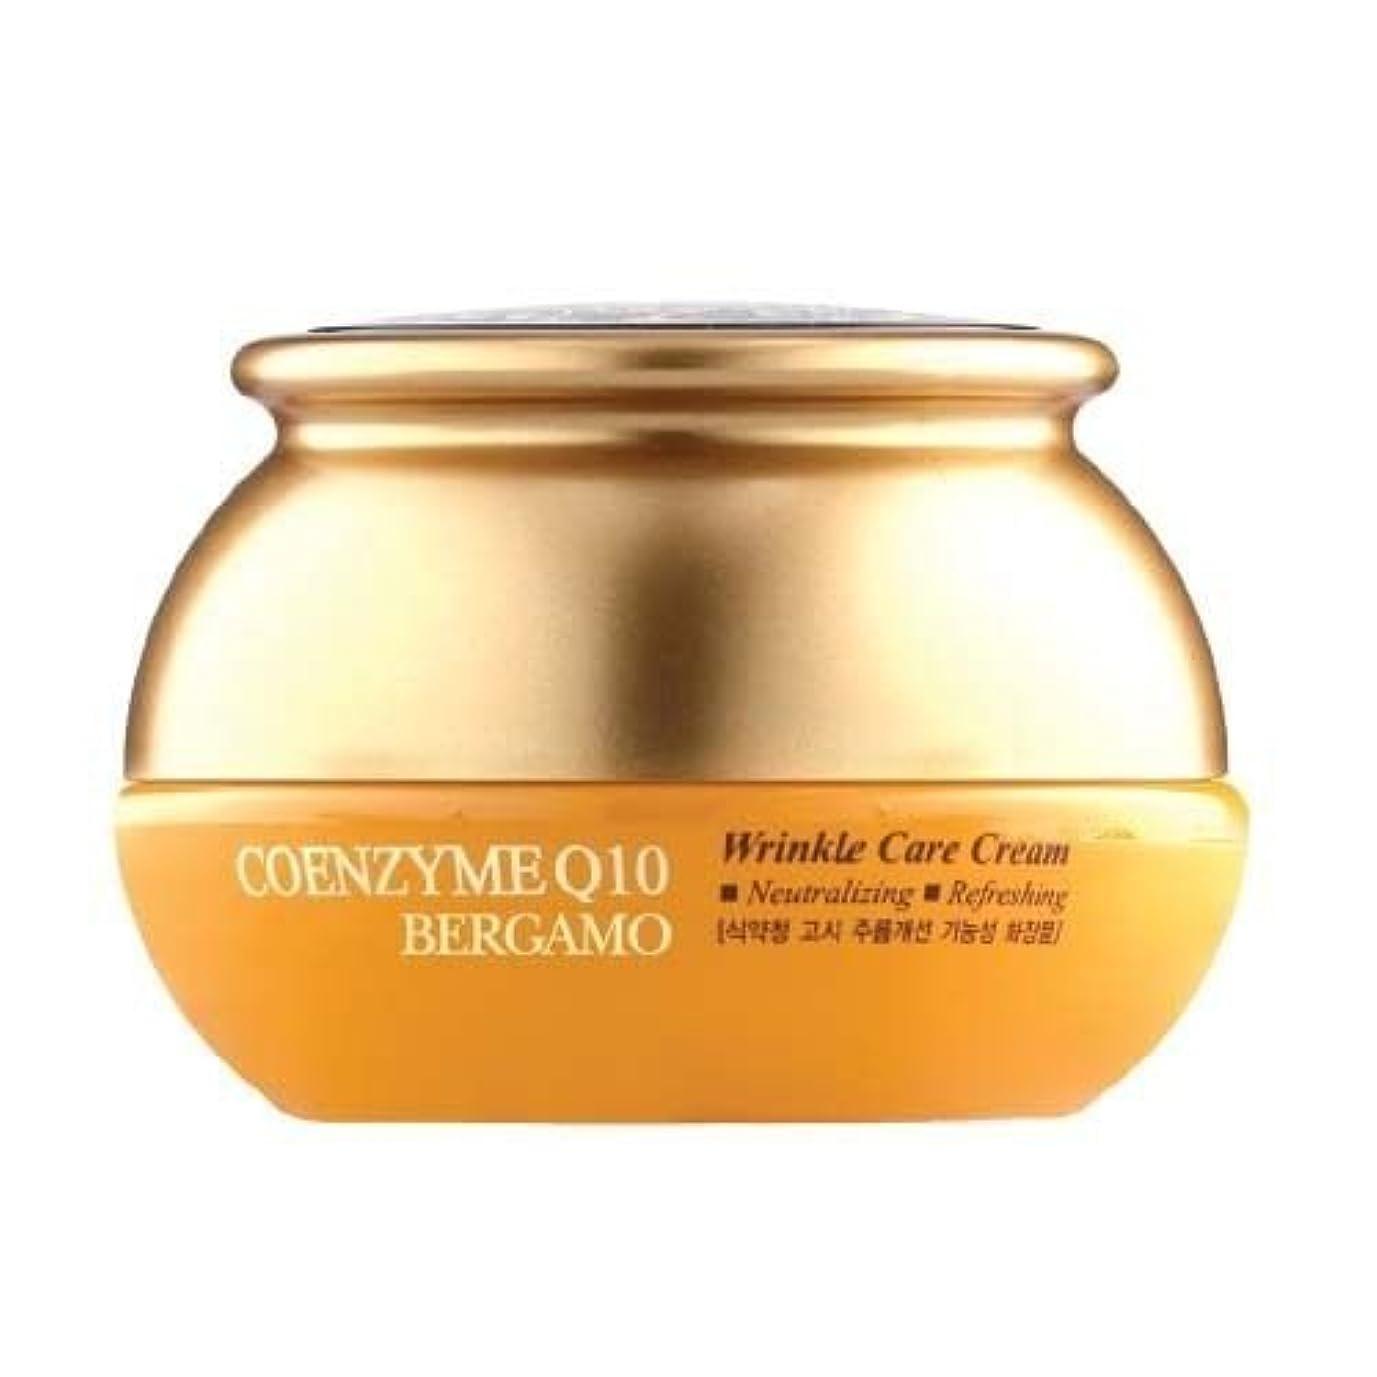 大学認めるコンピューターを使用するベルガモ[韓国コスメBergamo]Coenzyme Q10 Wrinkle Care Cream コエンザイムQ10リンクルケアクリーム50ml しわ管理 [並行輸入品]